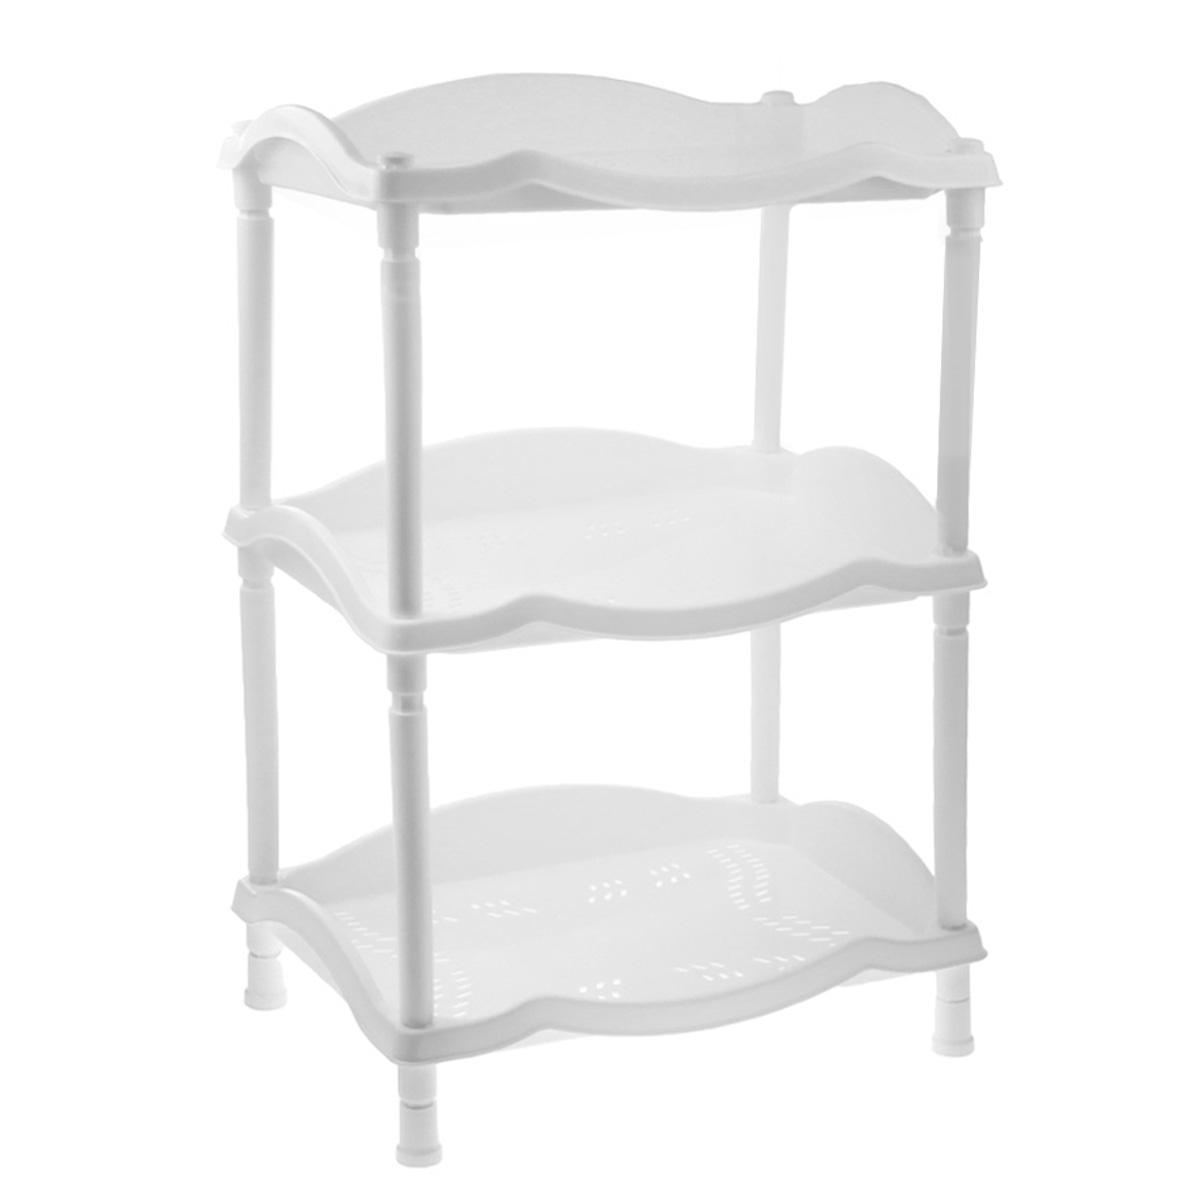 Этажерка Berossi Каскад, 3-х секционная, цвет: белый, 43,8 х 31,6 х 63,6 смА14301Этажерка Berossi Каскад выполнена из высококачественного прочного пластика и предназначена для хранения различных предметов. Изделие имеет 3 полки прямоугольной формы с перфорированными стенками. В ванной комнате вы можете использовать этажерку для хранения шампуней, гелей, жидкого мыла, стиральных порошков, полотенец и т.д. Ручной инструмент и детали в вашем гараже всегда будут под рукой. Удобно ставить банки с краской, бутылки с растворителем. В гостиной этажерка позволит удобно хранить под рукой книги, журналы, газеты. С помощью этажерки также легко навести порядок в детской, она позволит удобно и компактно хранить игрушки, письменные принадлежности и учебники. Этажерка - это идеальное решение для любого помещения. Она поможет поддерживать чистоту, компактно организовать пространство и хранить вещи в порядке, а стильный дизайн сделает этажерку ярким украшением интерьера.Размер этажерки (ДхШхВ): 43,8 см х 31,6 см х 63,6 см. Размер полки (ДхШхВ): 43,8 см х 31,6 см х 6 см.